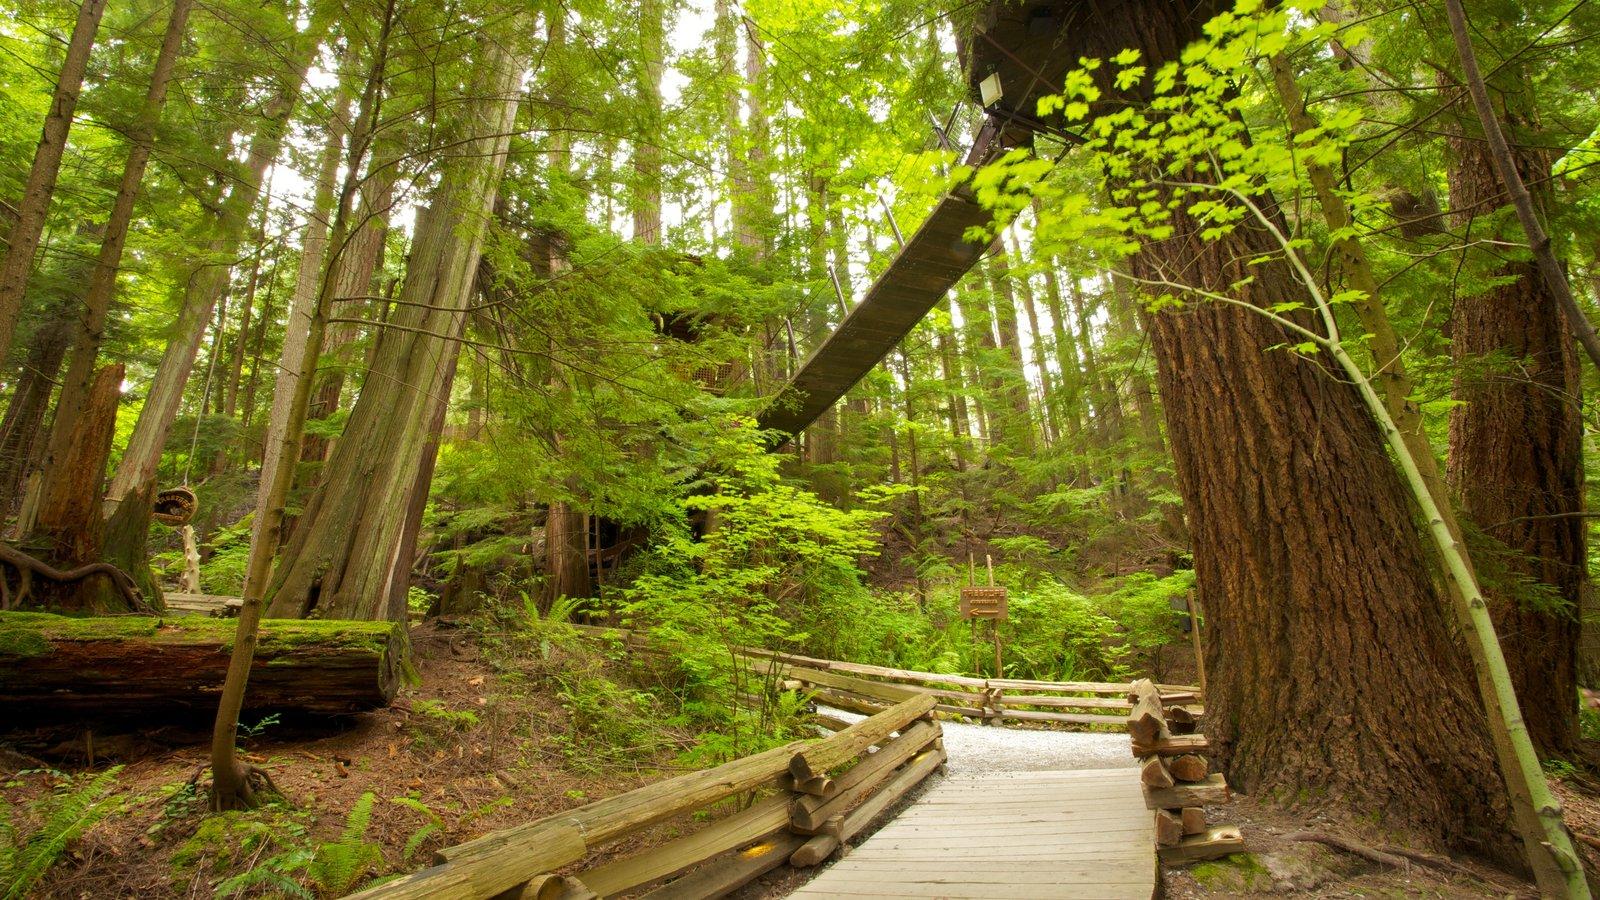 Capilano Suspension Bridge showing landscape views, a park and forest scenes